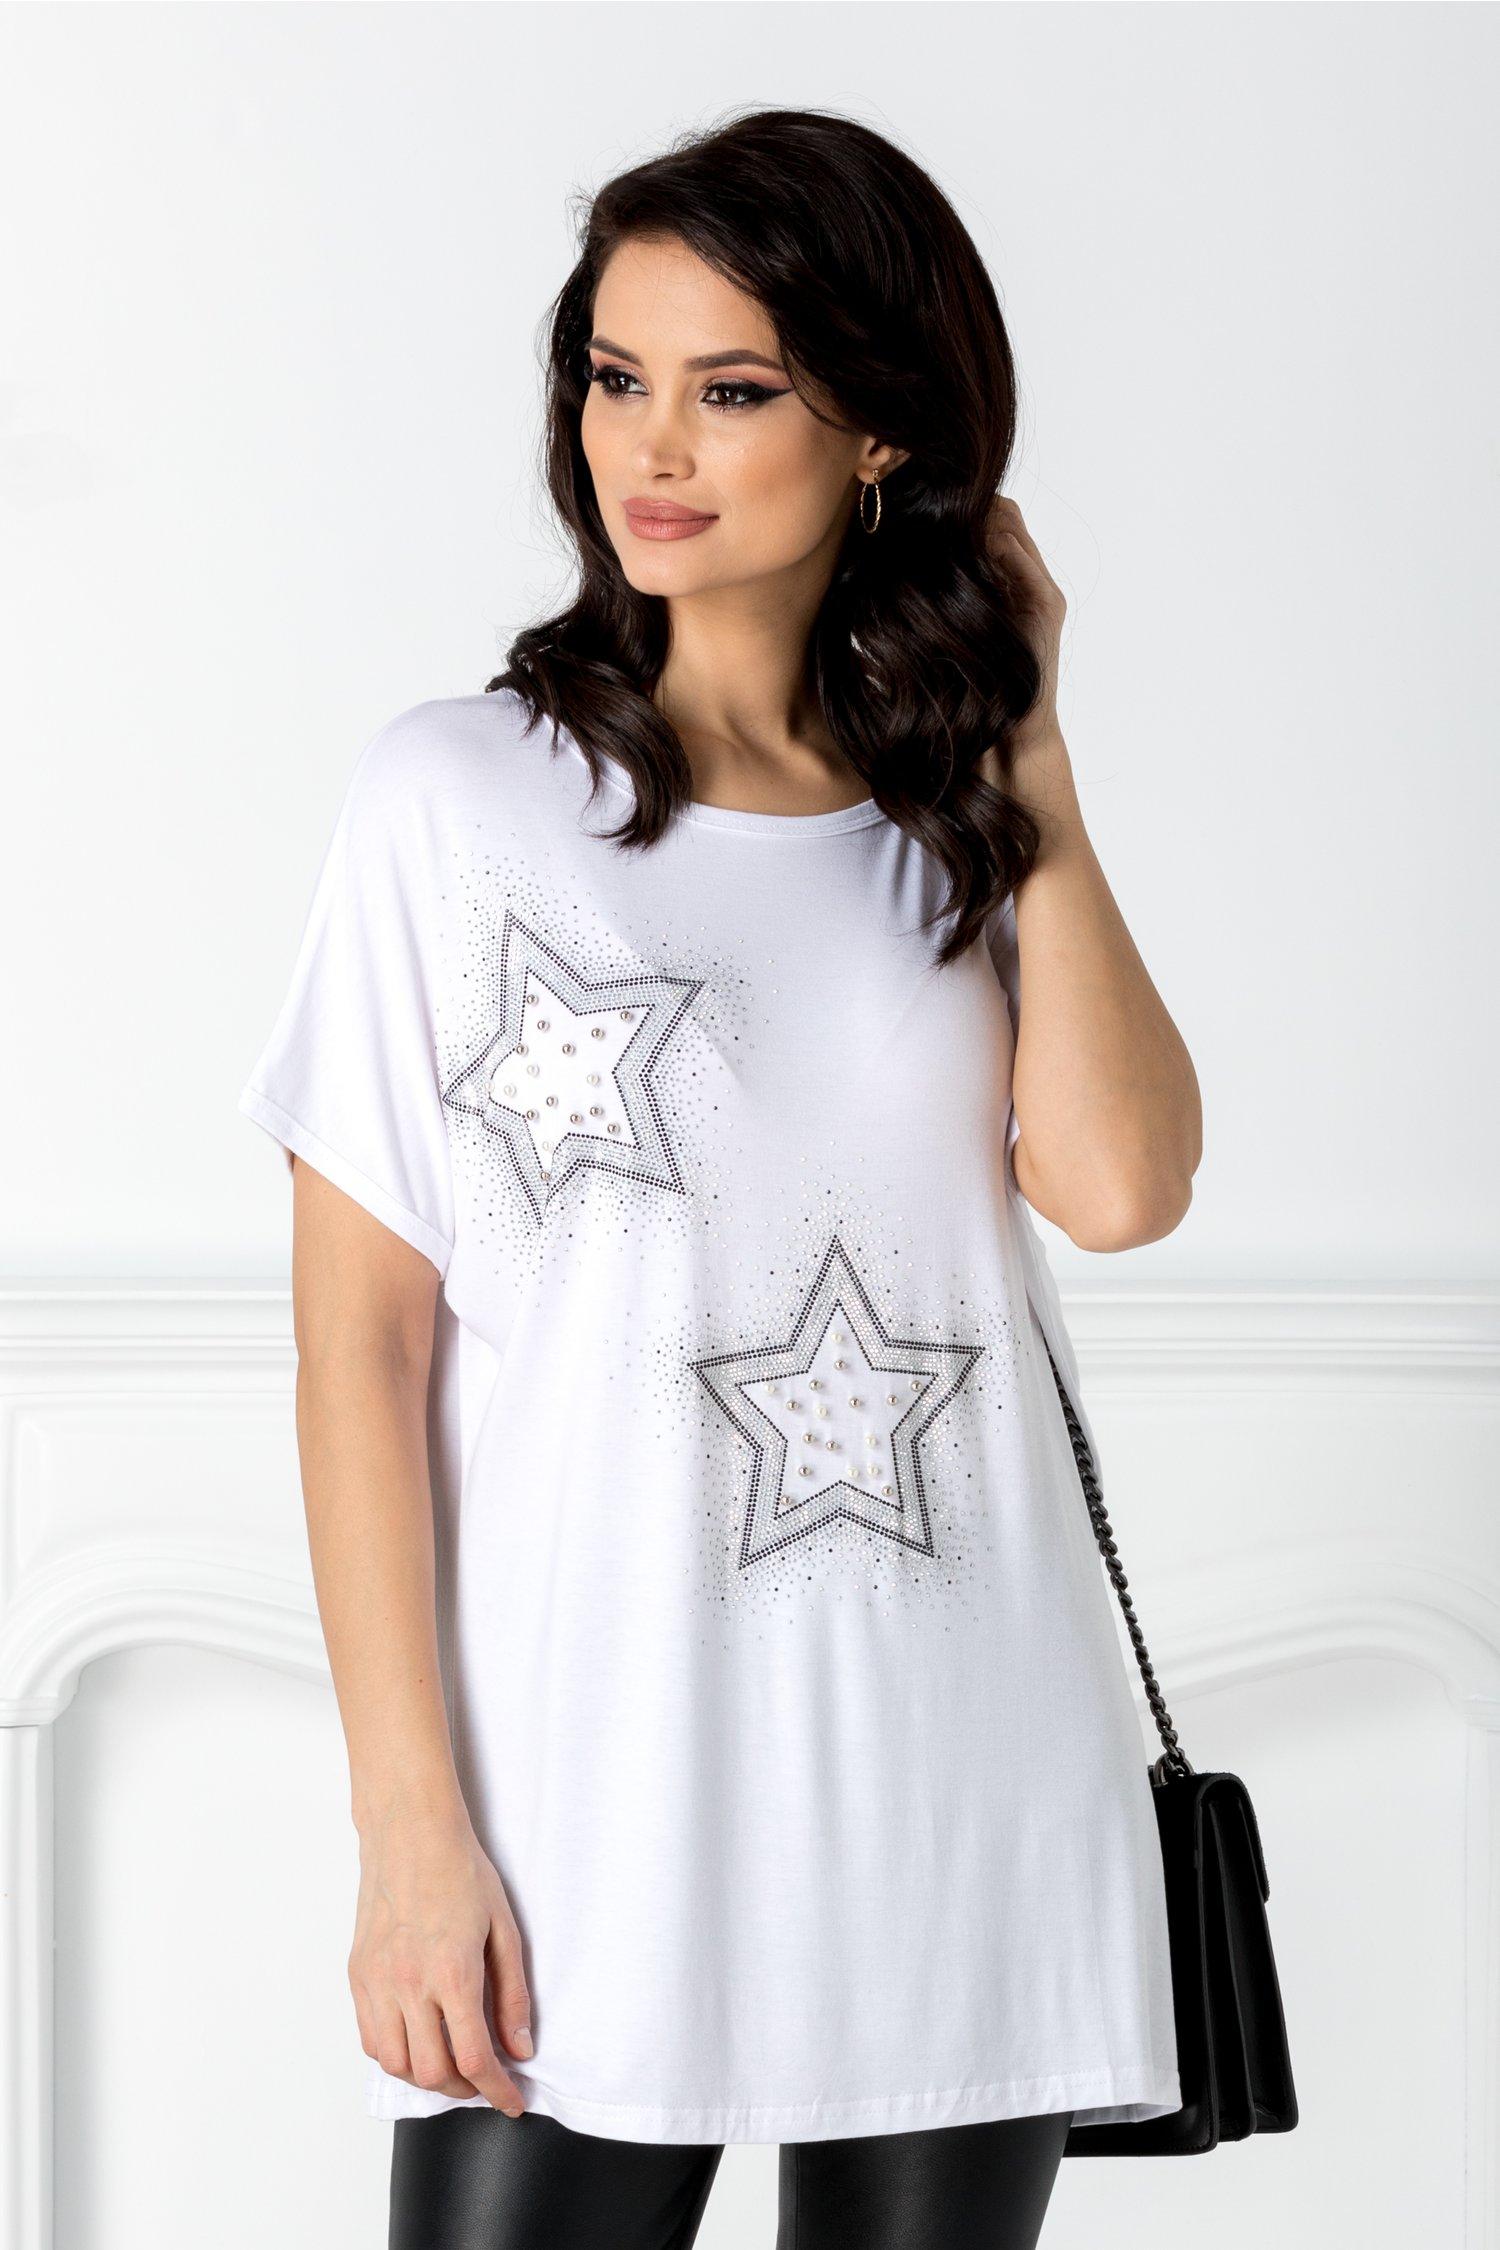 Tricou casual alb cu stelute din strasuri